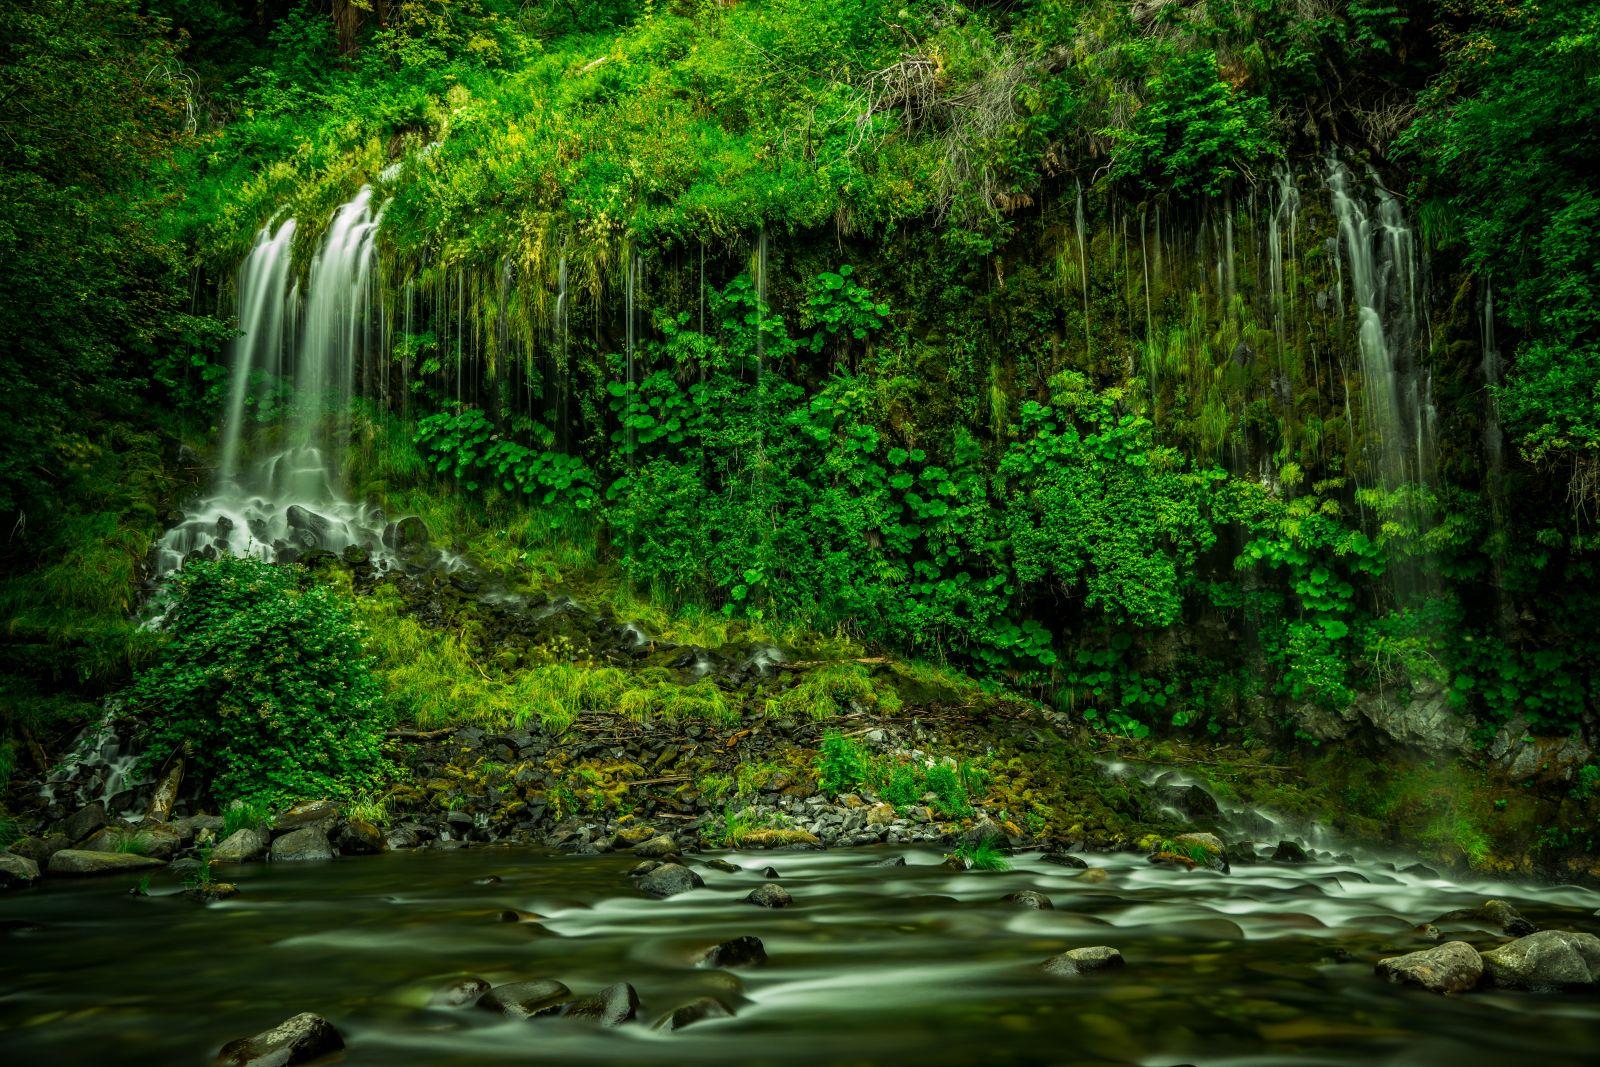 Grüner Regenwald mit Wasserfall und Bach